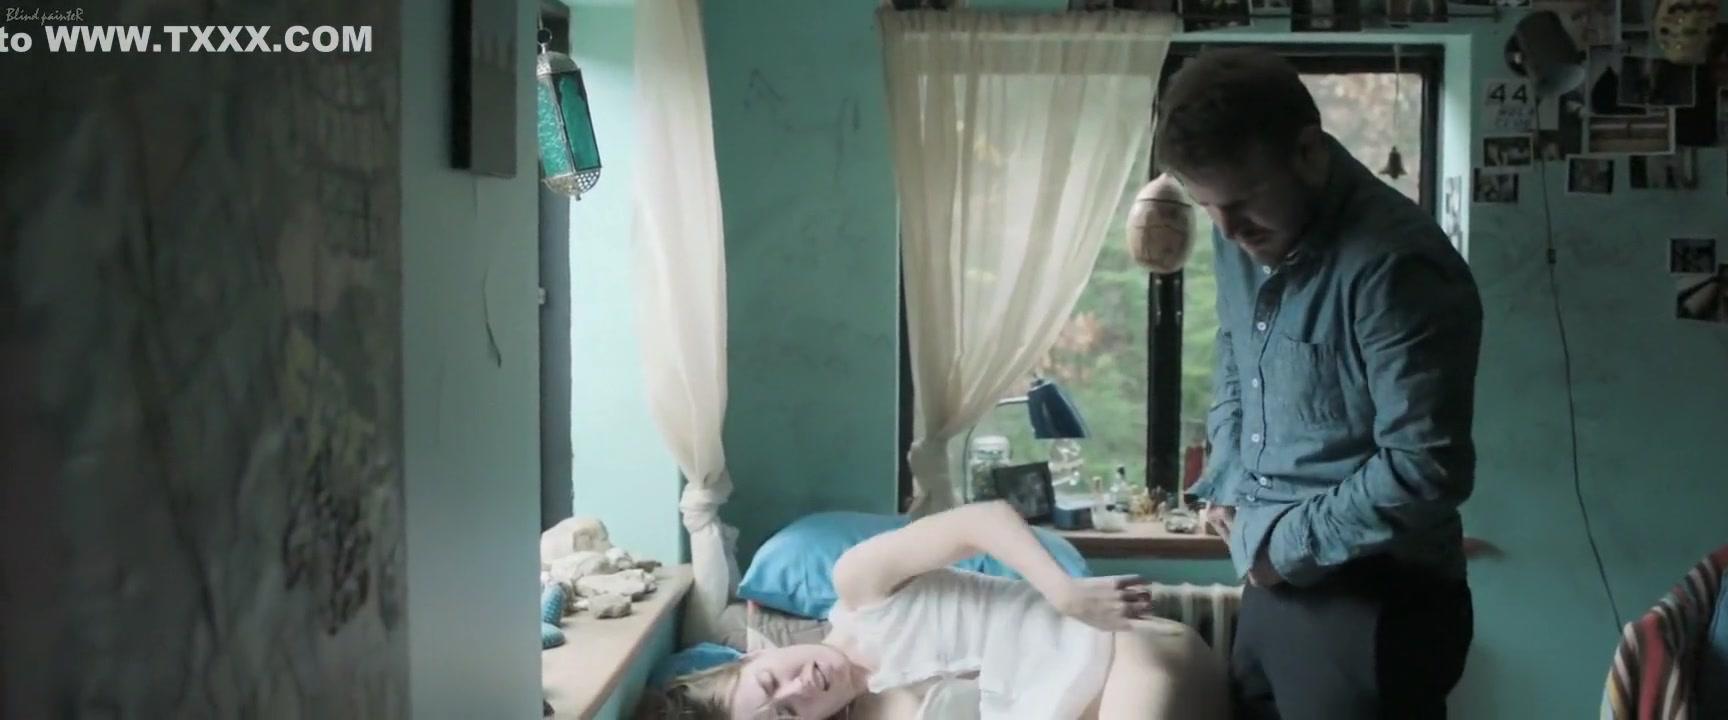 Full movie Augustus of prima porta cupid dating